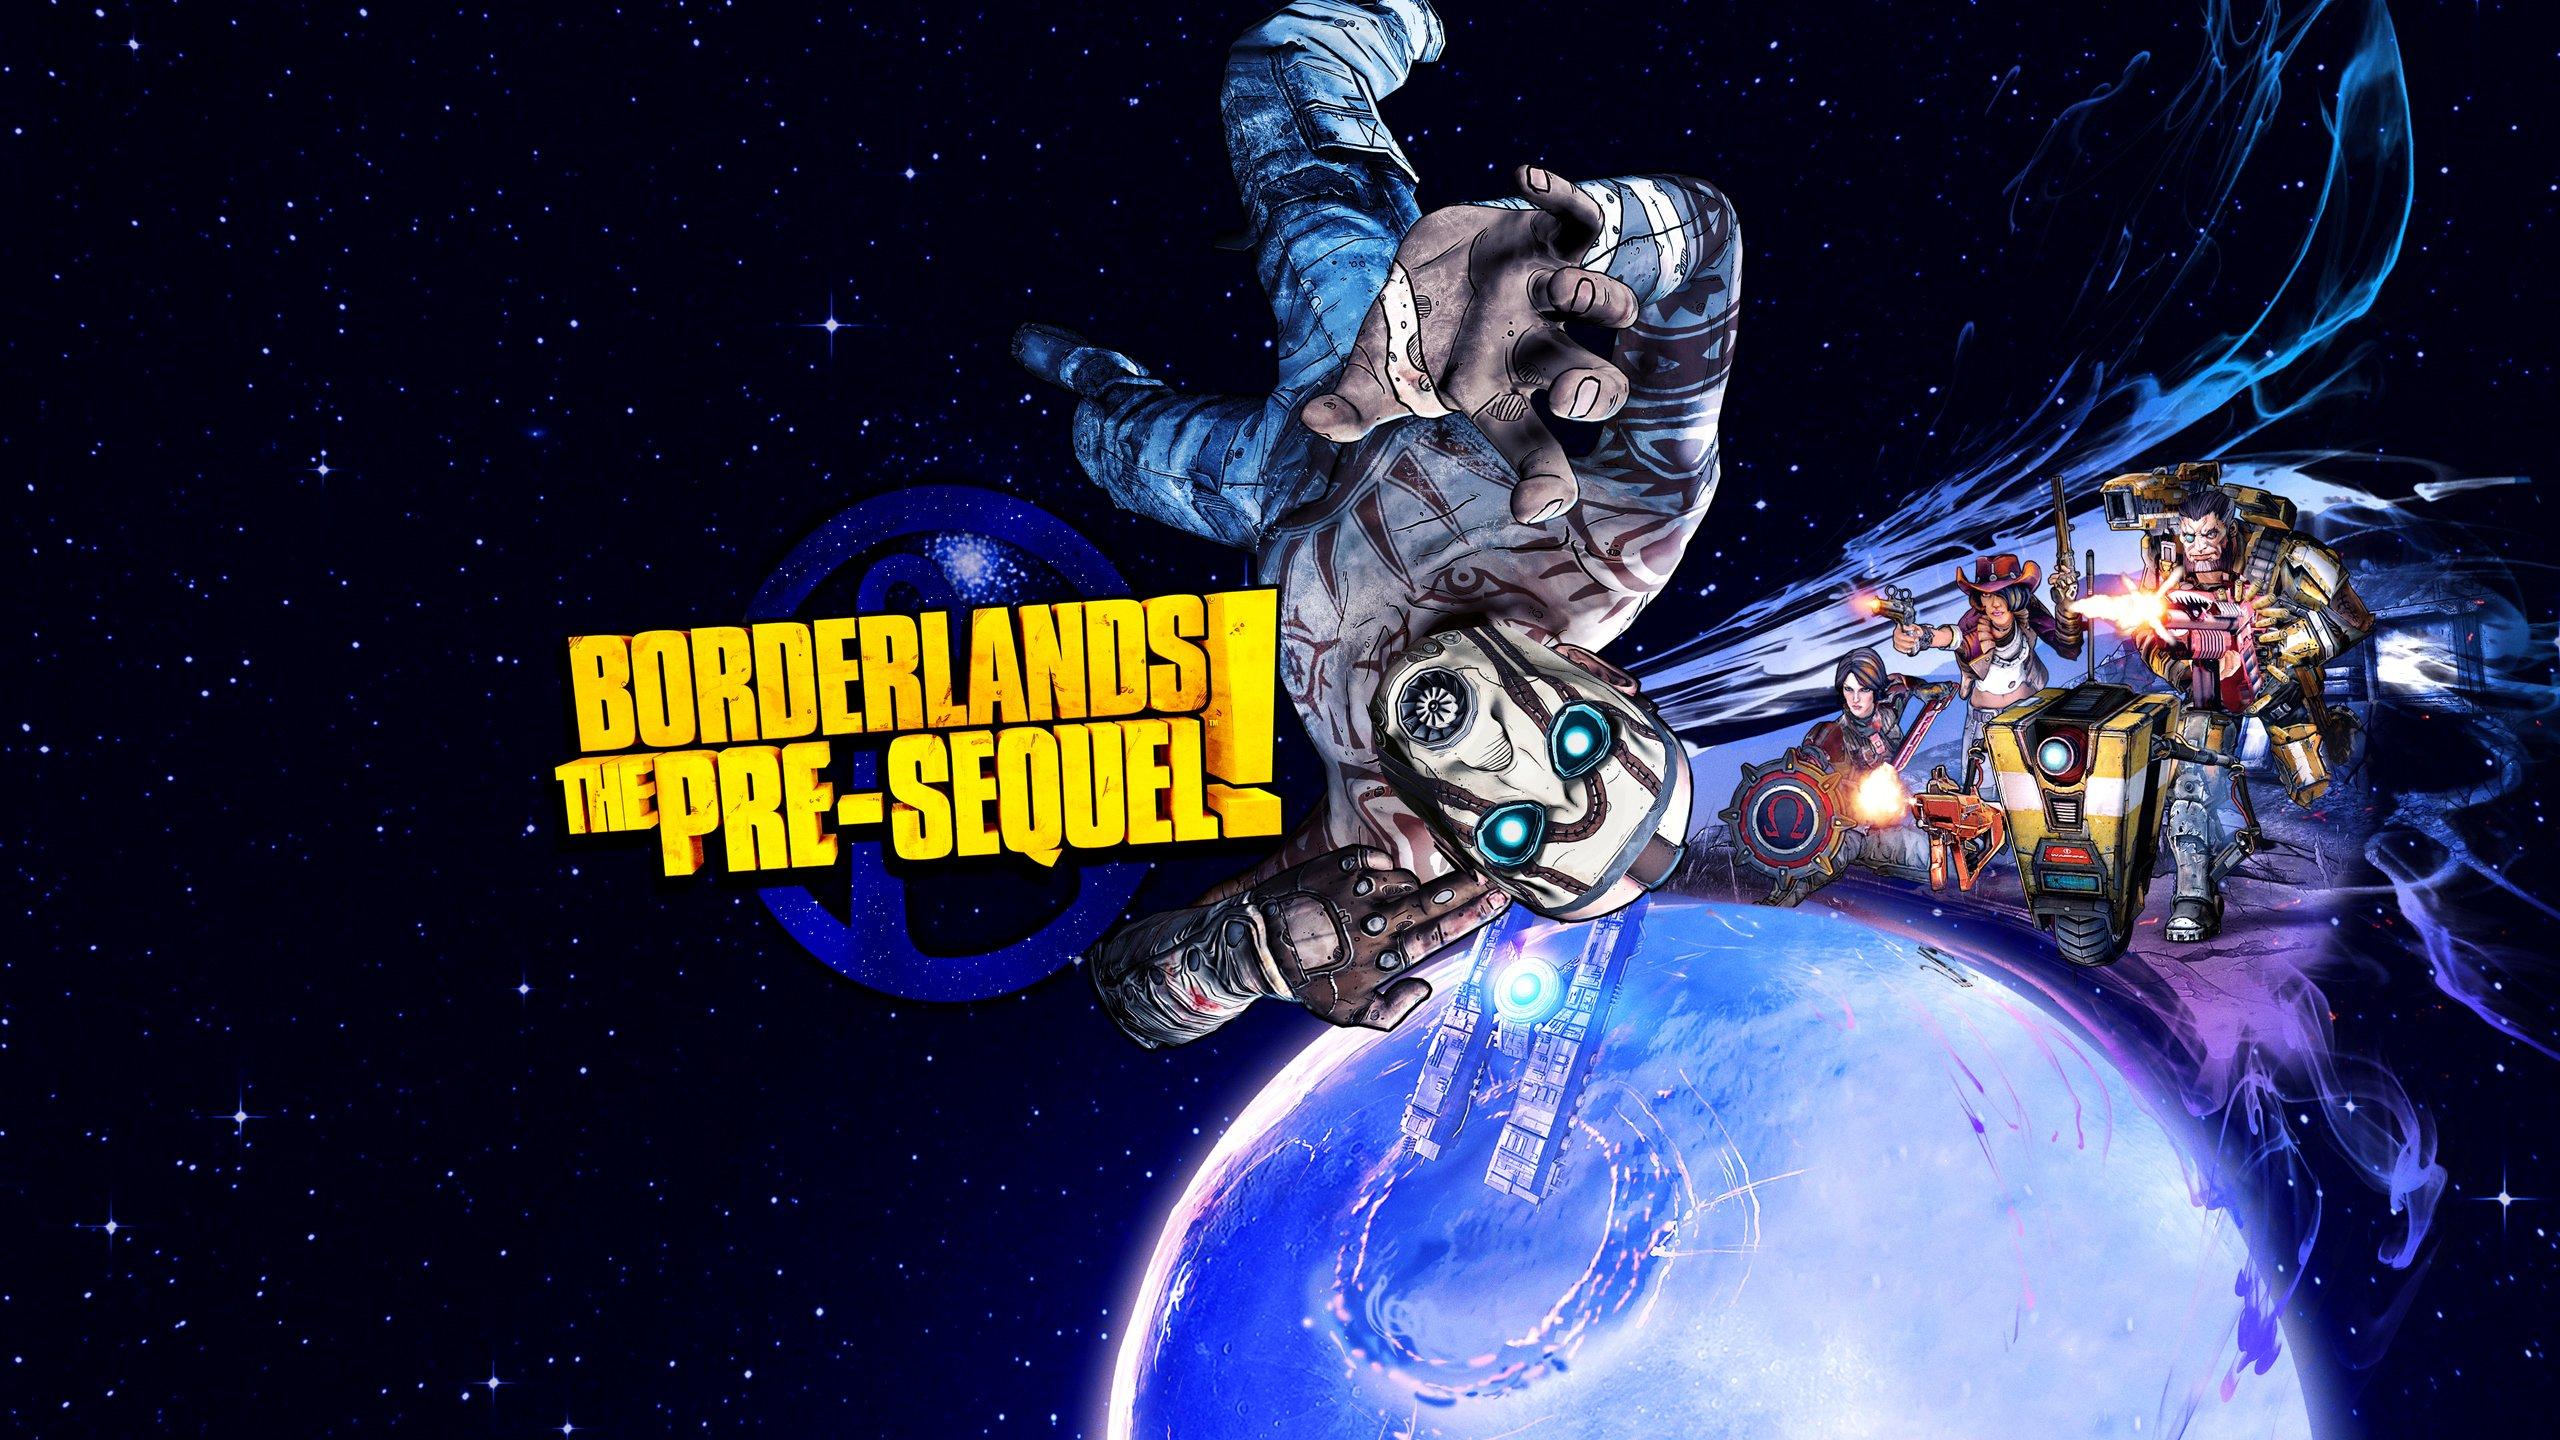 Вопль-прохождение Borderlands the Pre-Sequel ... ФИНАЛ (?) - Изображение 1